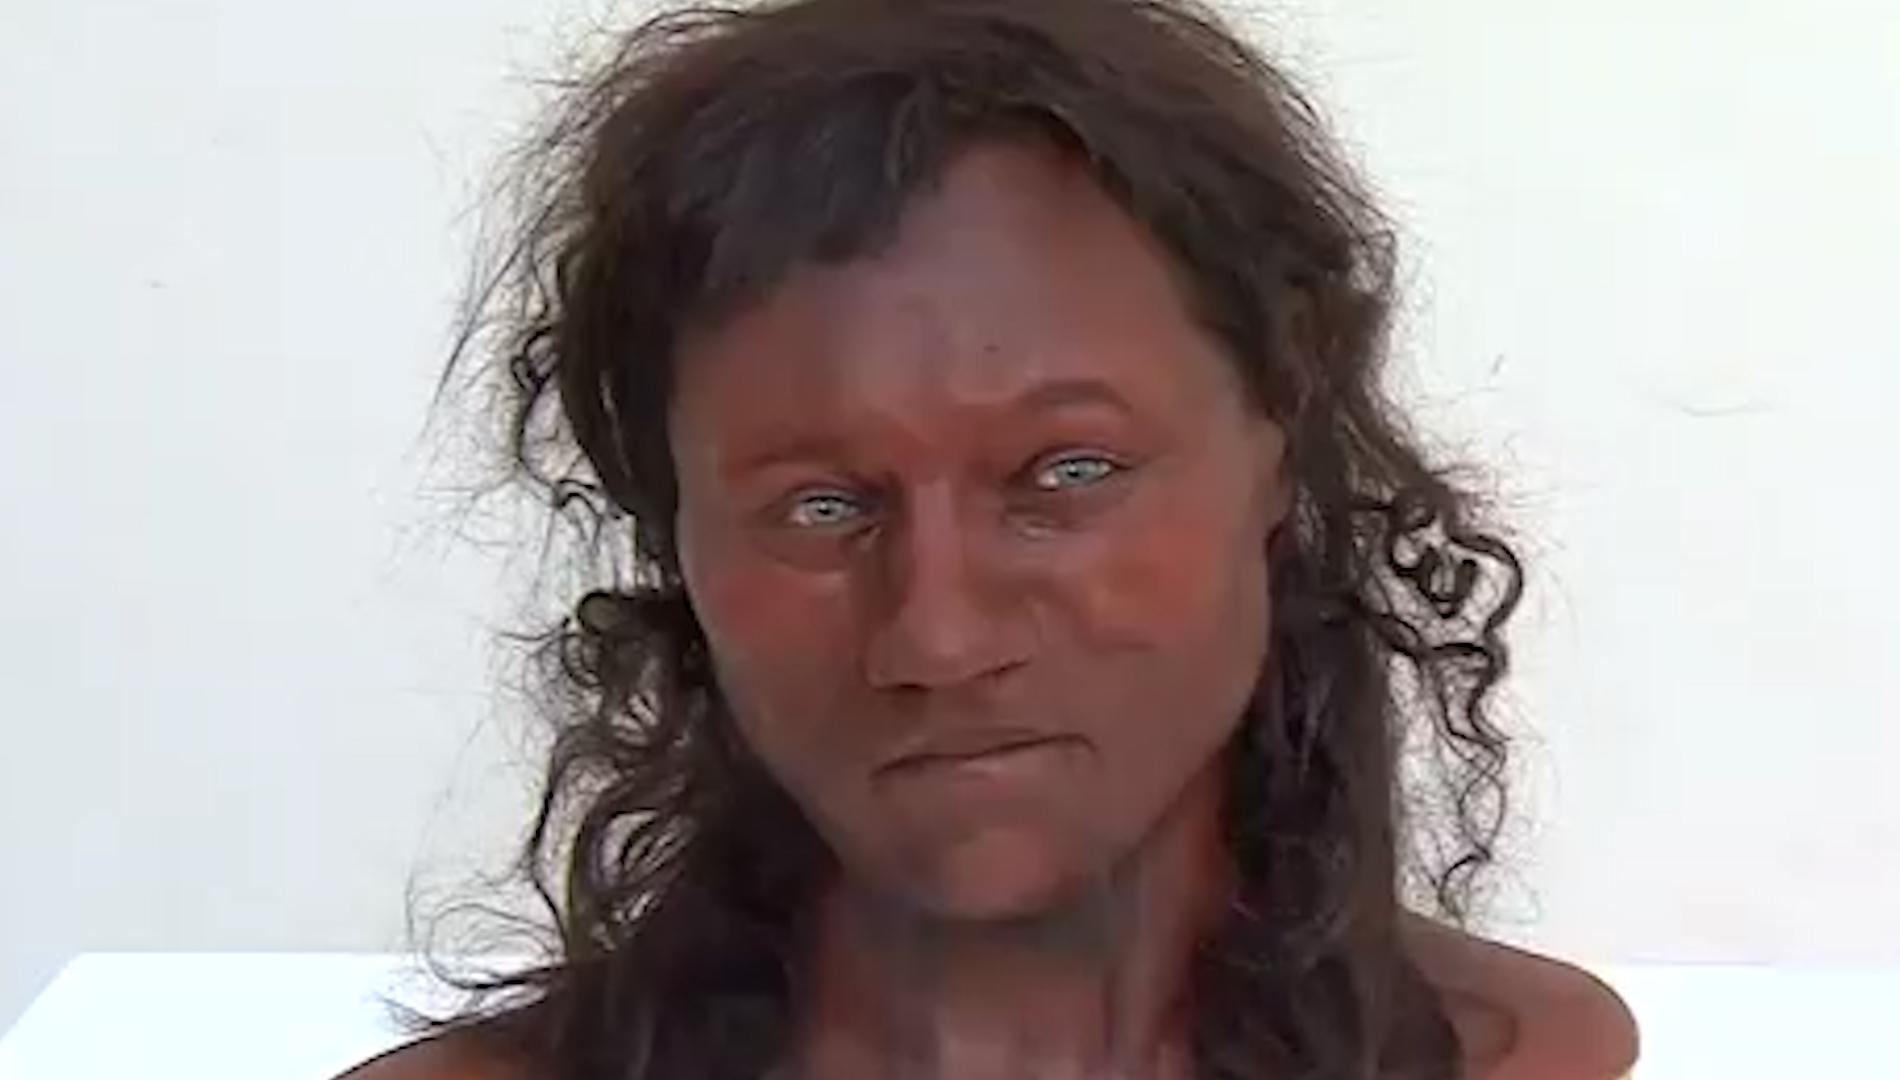 Augen braune haare blasse haut blaue Farbberatung